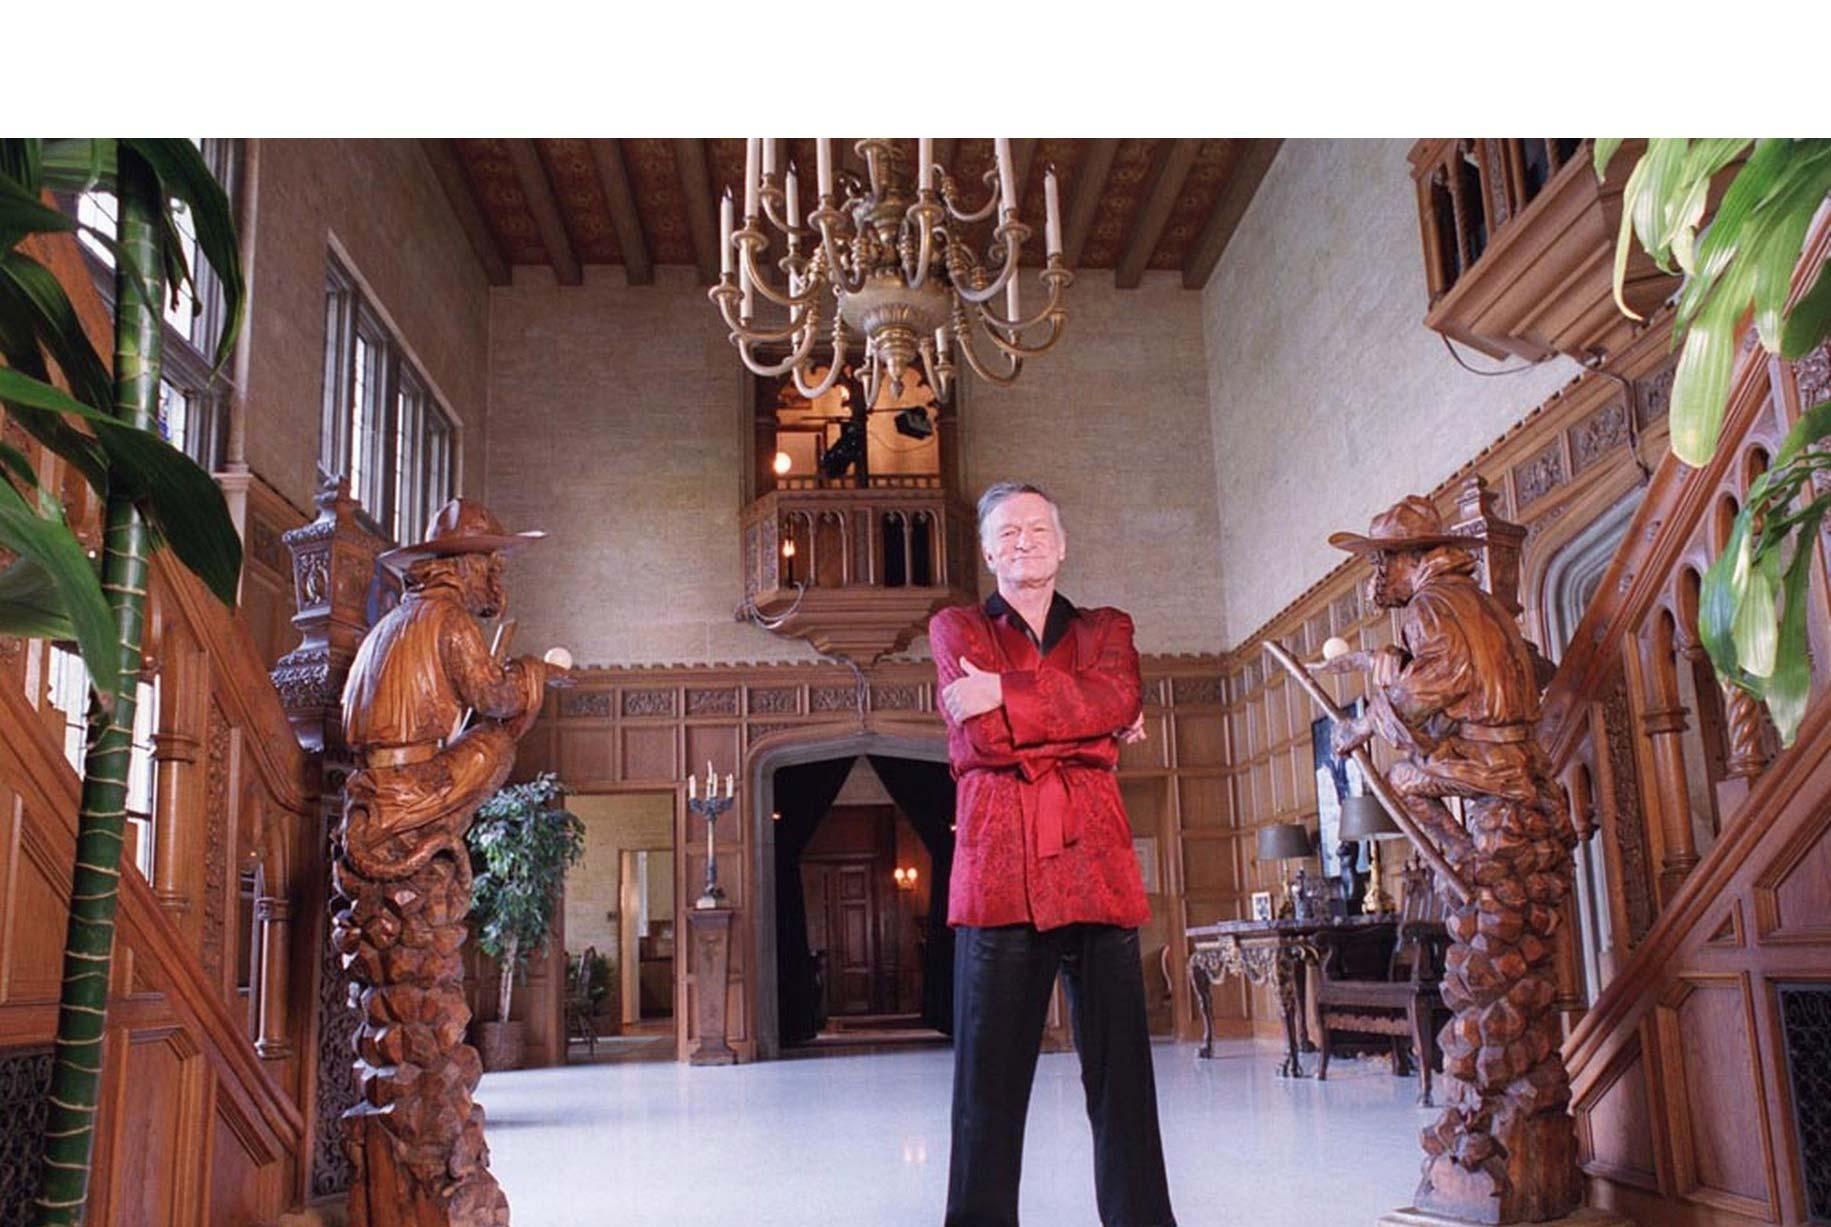 El comprador tendrá que permitir a Hugh Hefner seguir viviendo en la propiedad